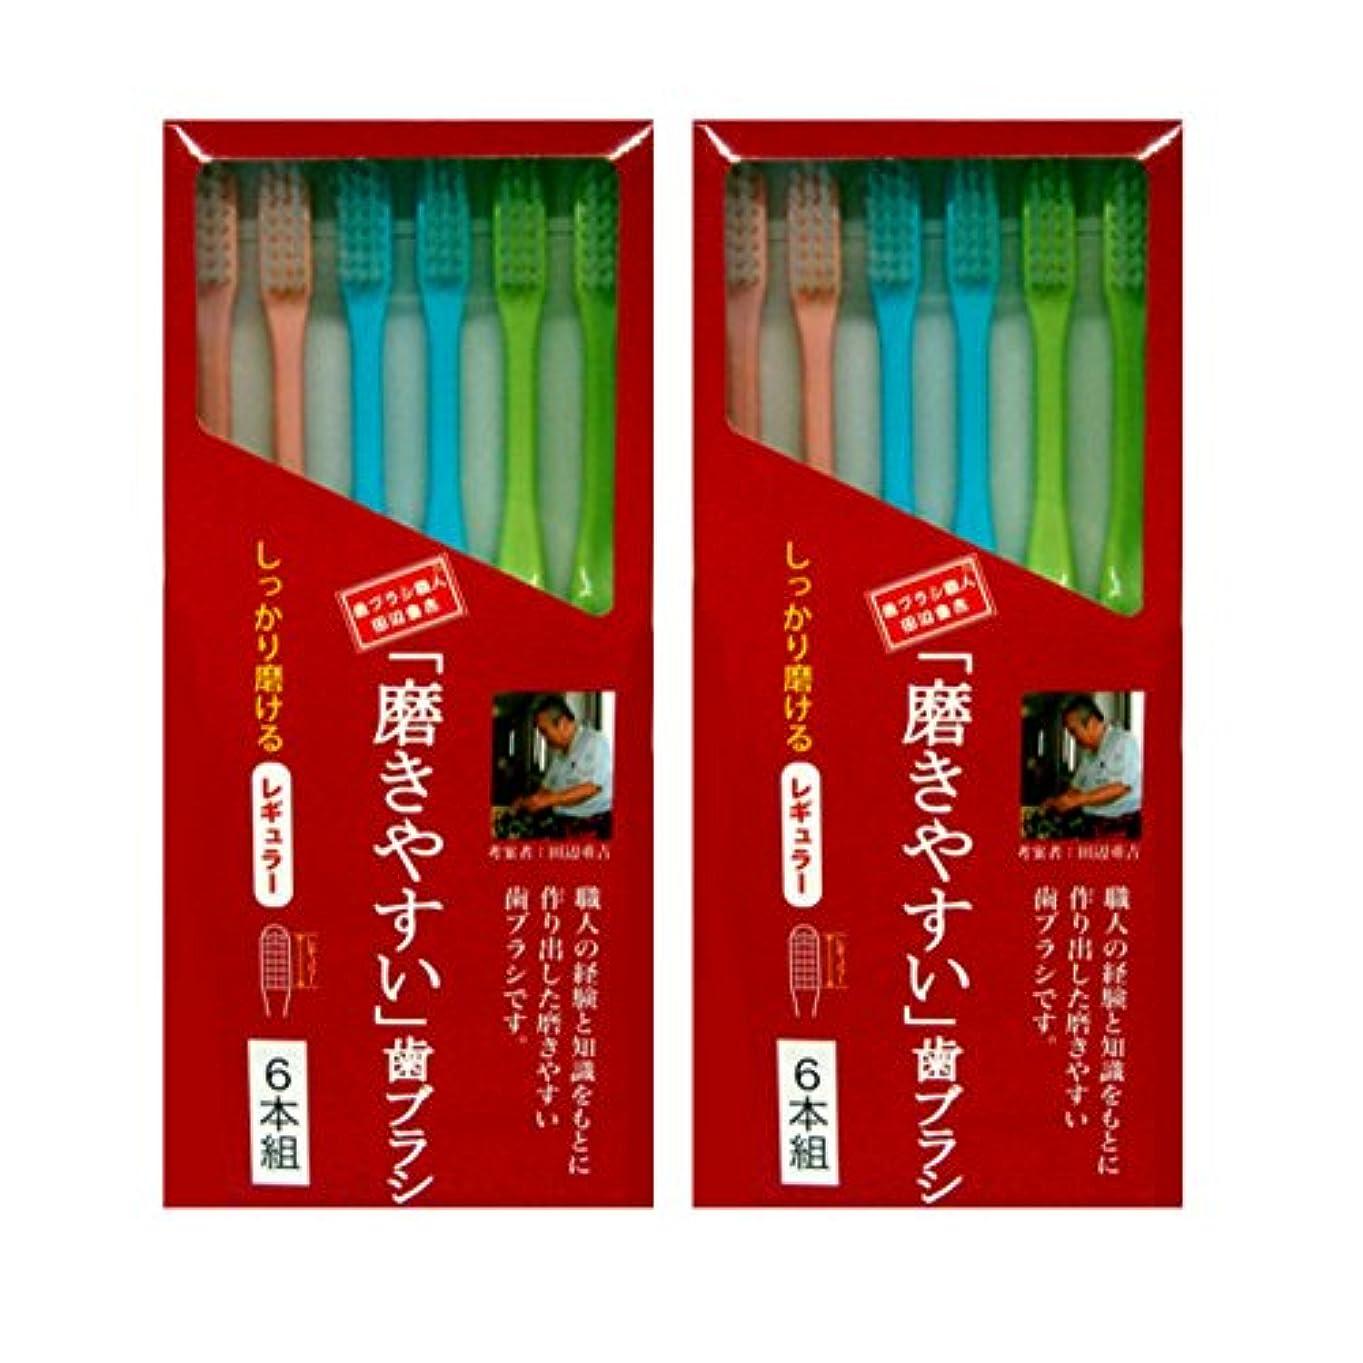 噴出するアルネスカウト磨きやすい歯ブラシ レギュラータイプ 6本組×2個セット (計12本)